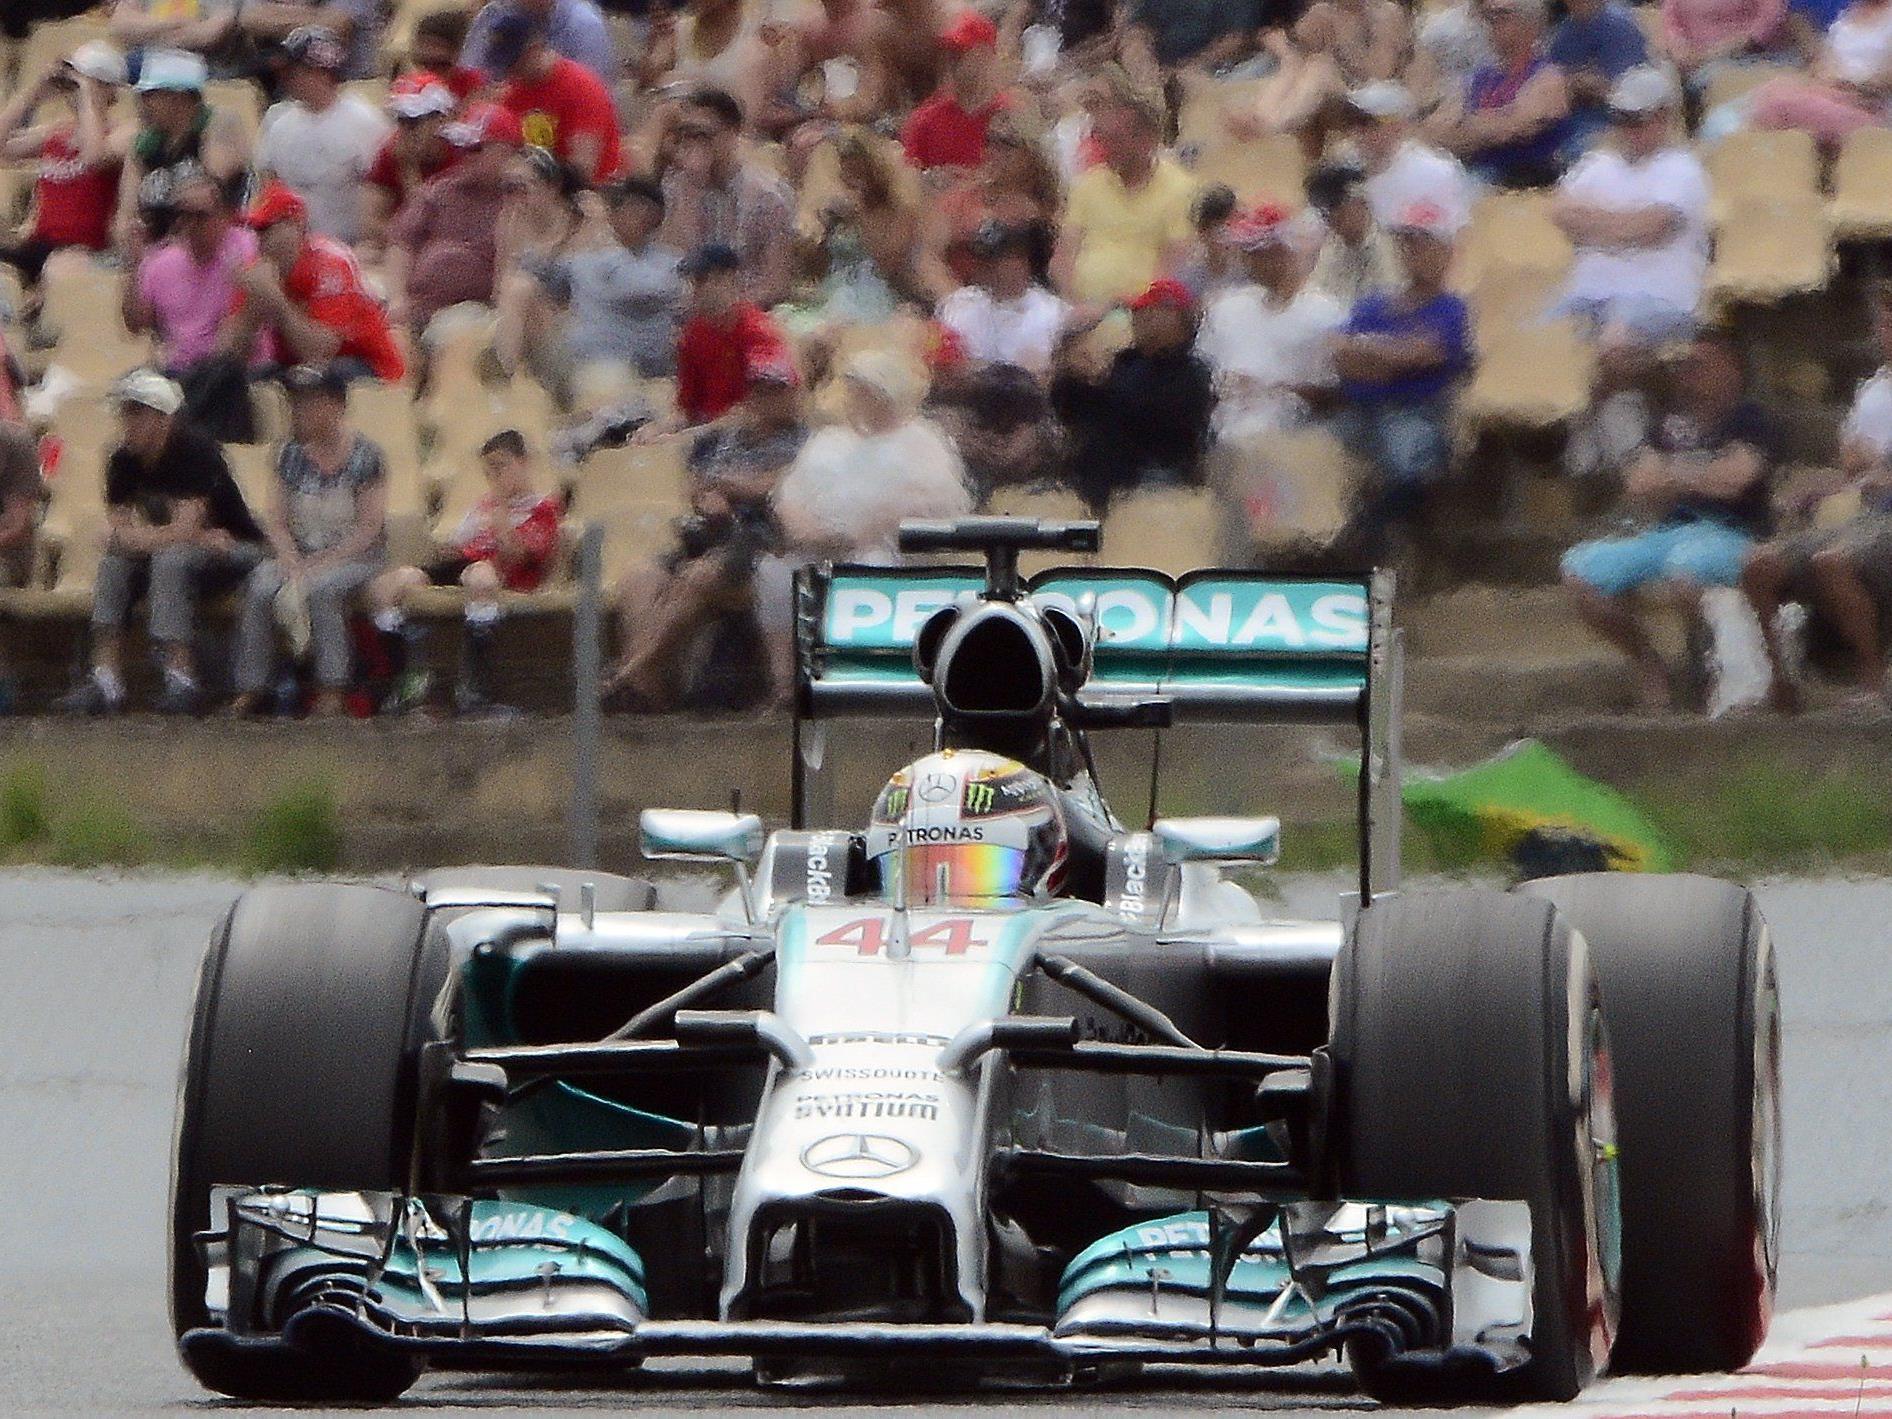 Brite übernahm WM-Führung - Rosberg beim Spanien-GP zum 4. Mal in Folge hinter Teamkollegen.